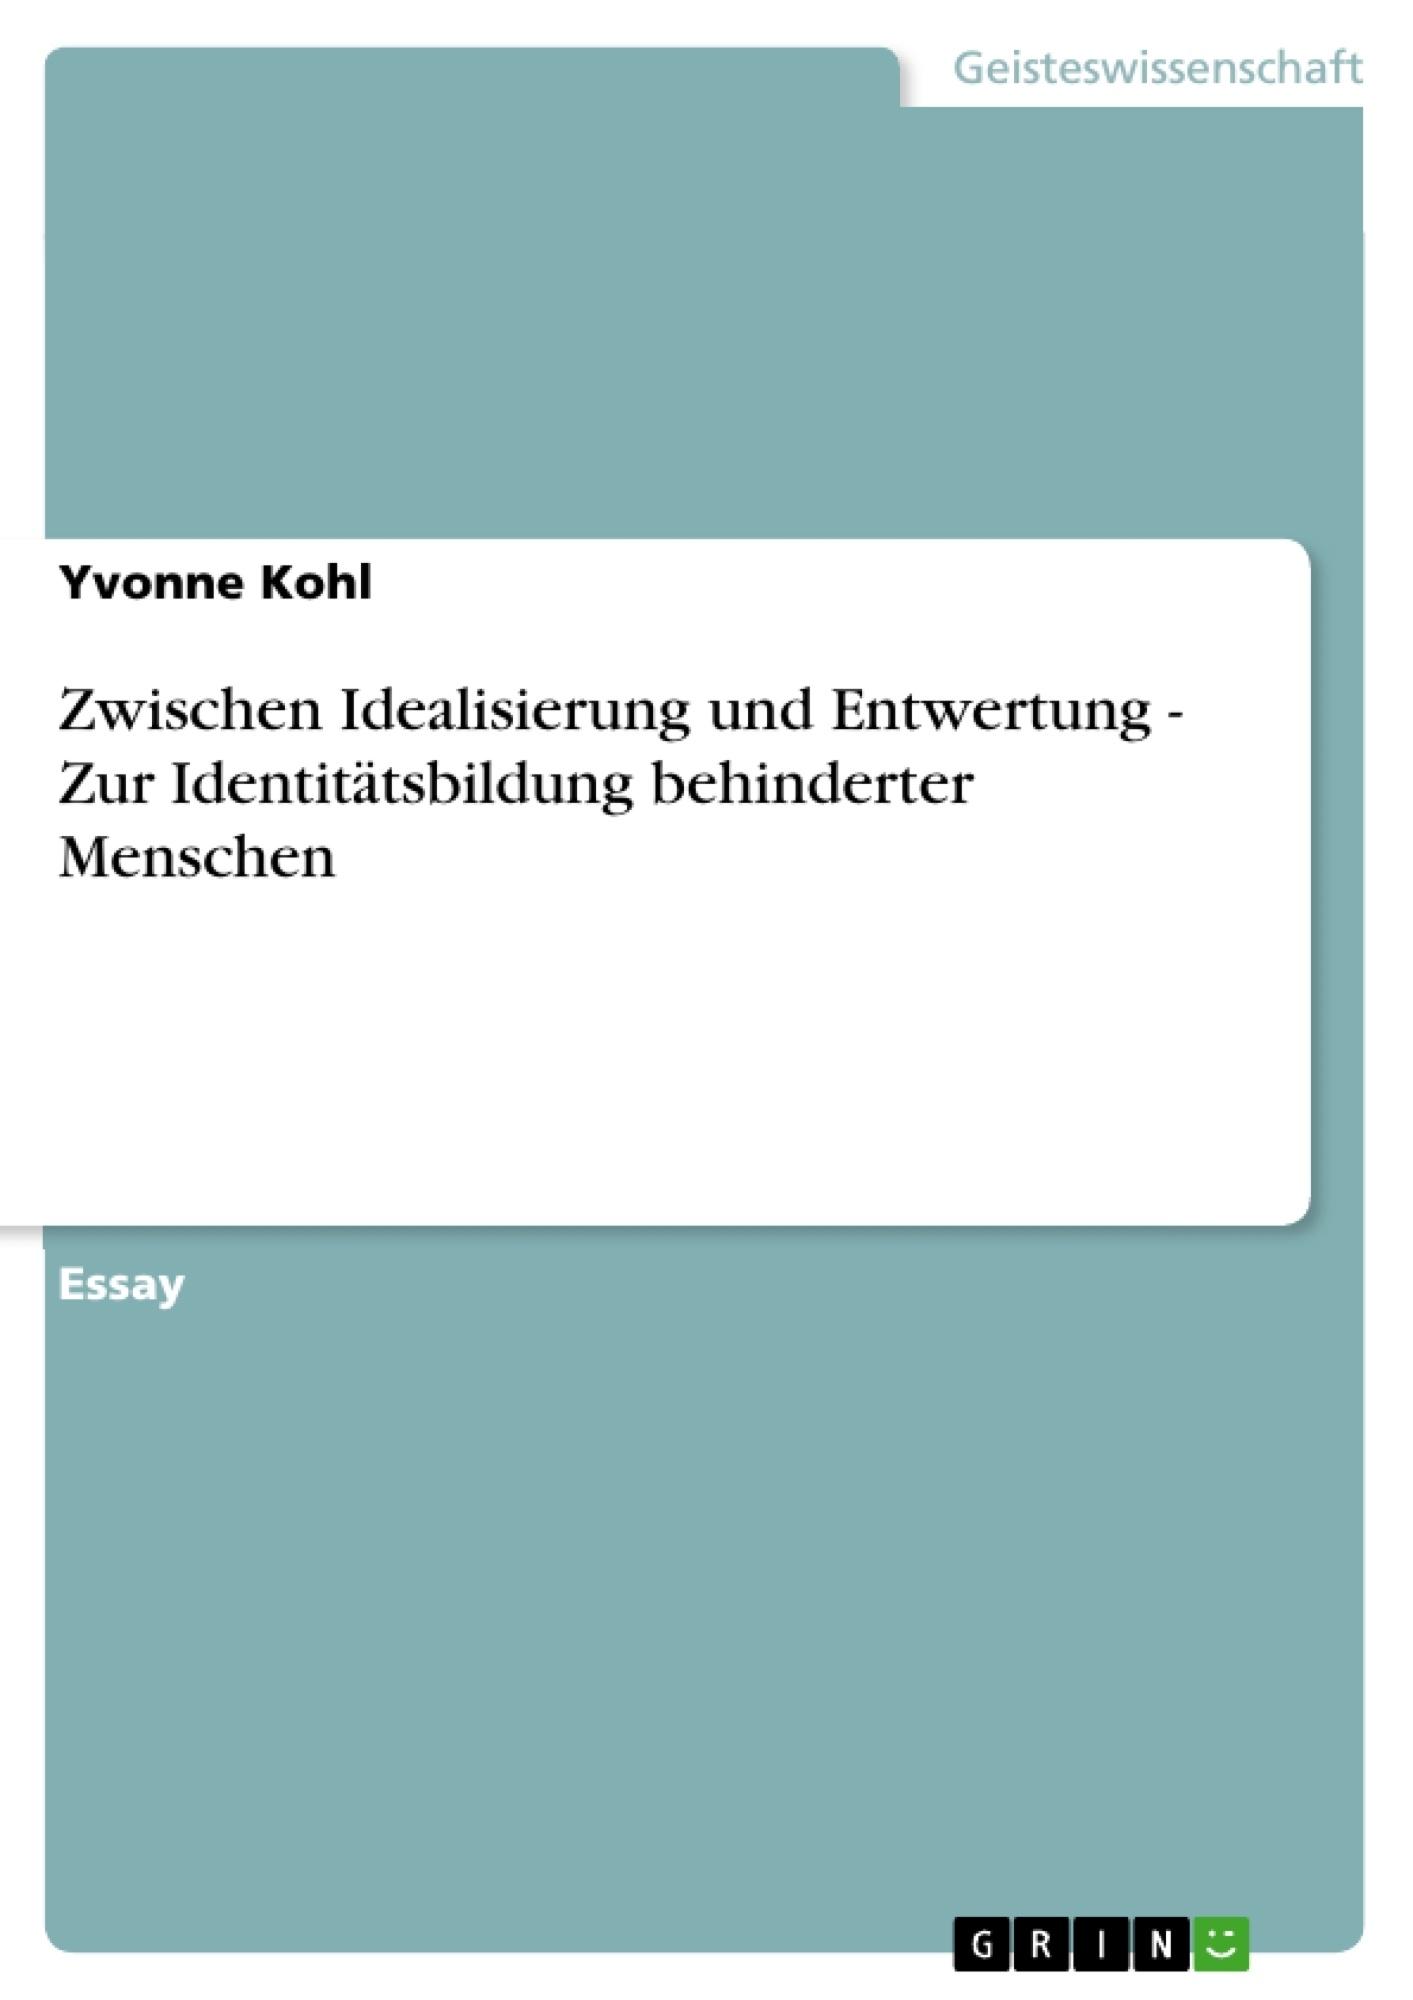 Titel: Zwischen Idealisierung und Entwertung - Zur Identitätsbildung behinderter Menschen